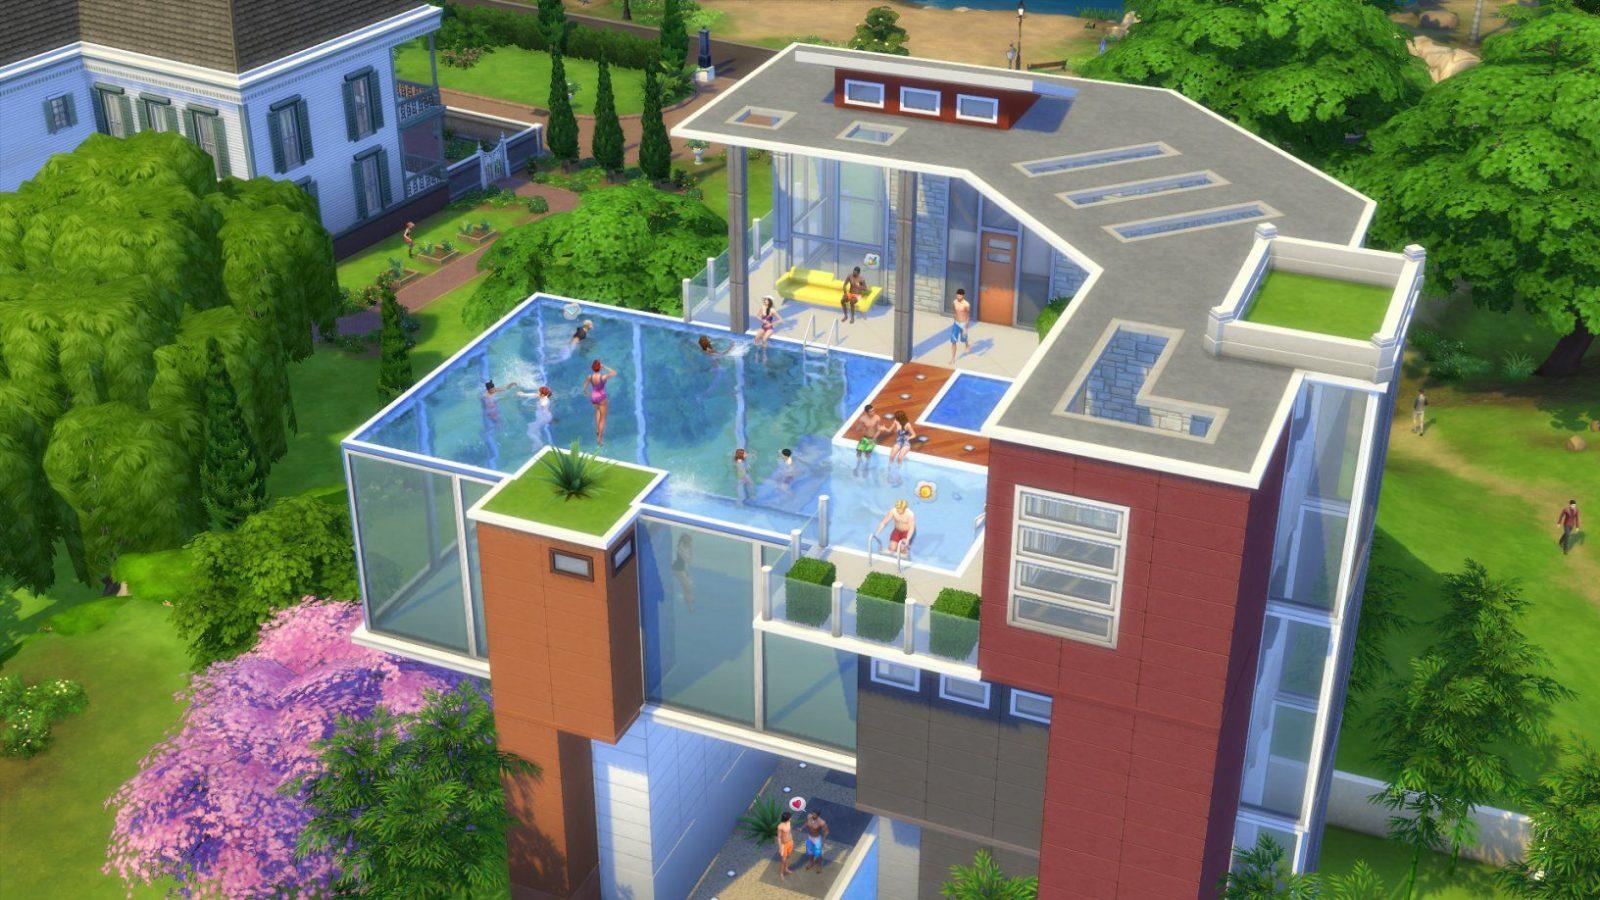 Sims 3 Haus Bauen Mit Erfahre Bei Uns Alle Zu Den Pools In Die Sims von Sims 4 Häuser Zum Nachbauen Bild